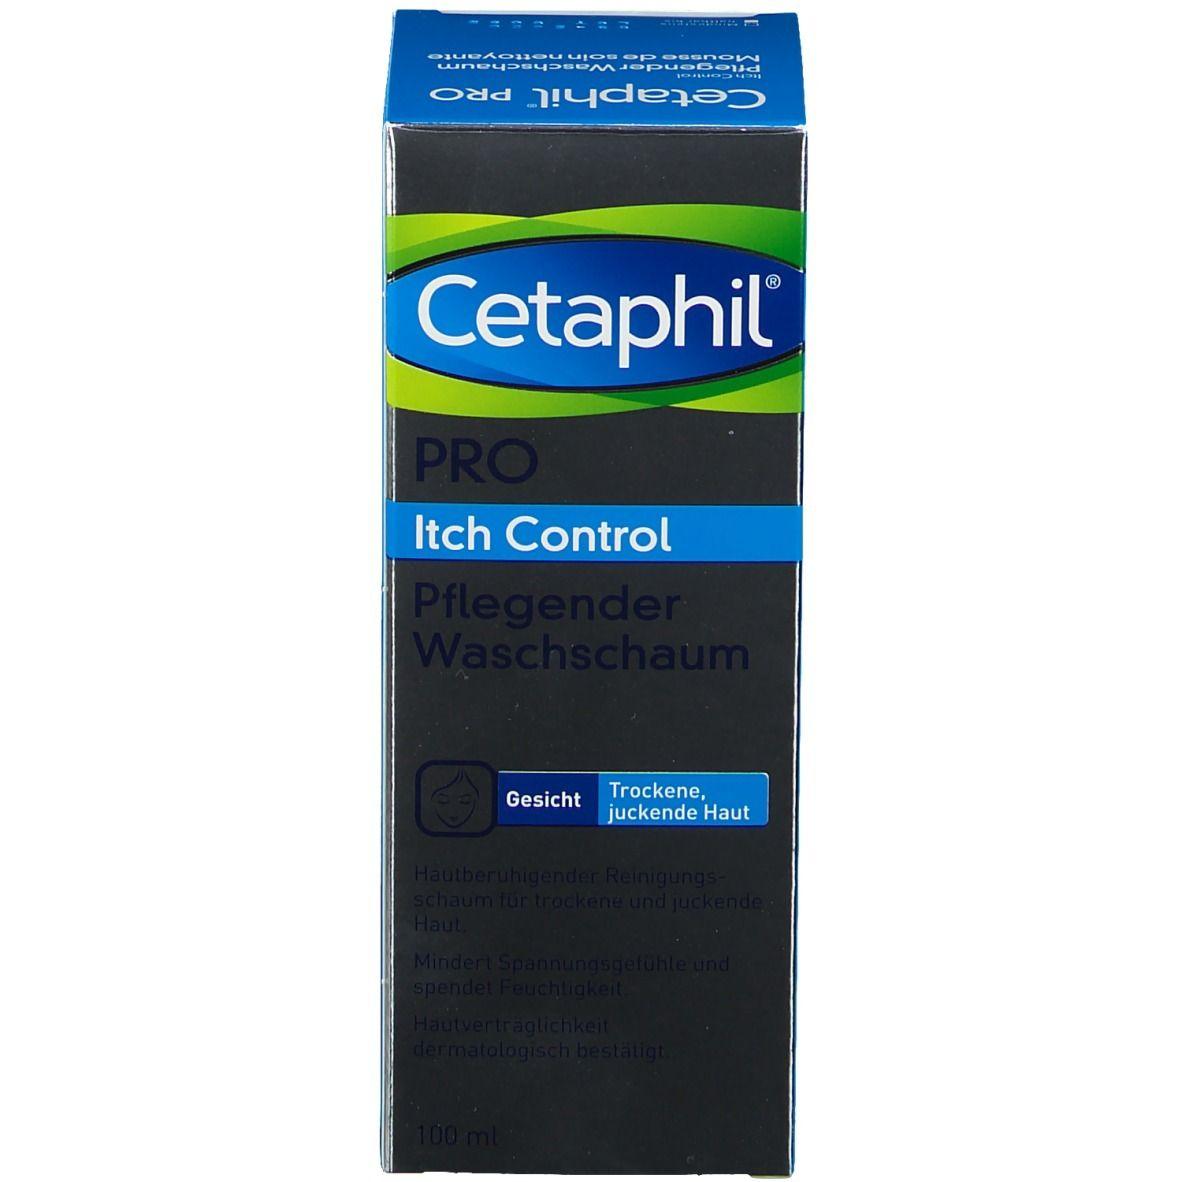 Cetaphil® PRO Itch Control Waschschaum